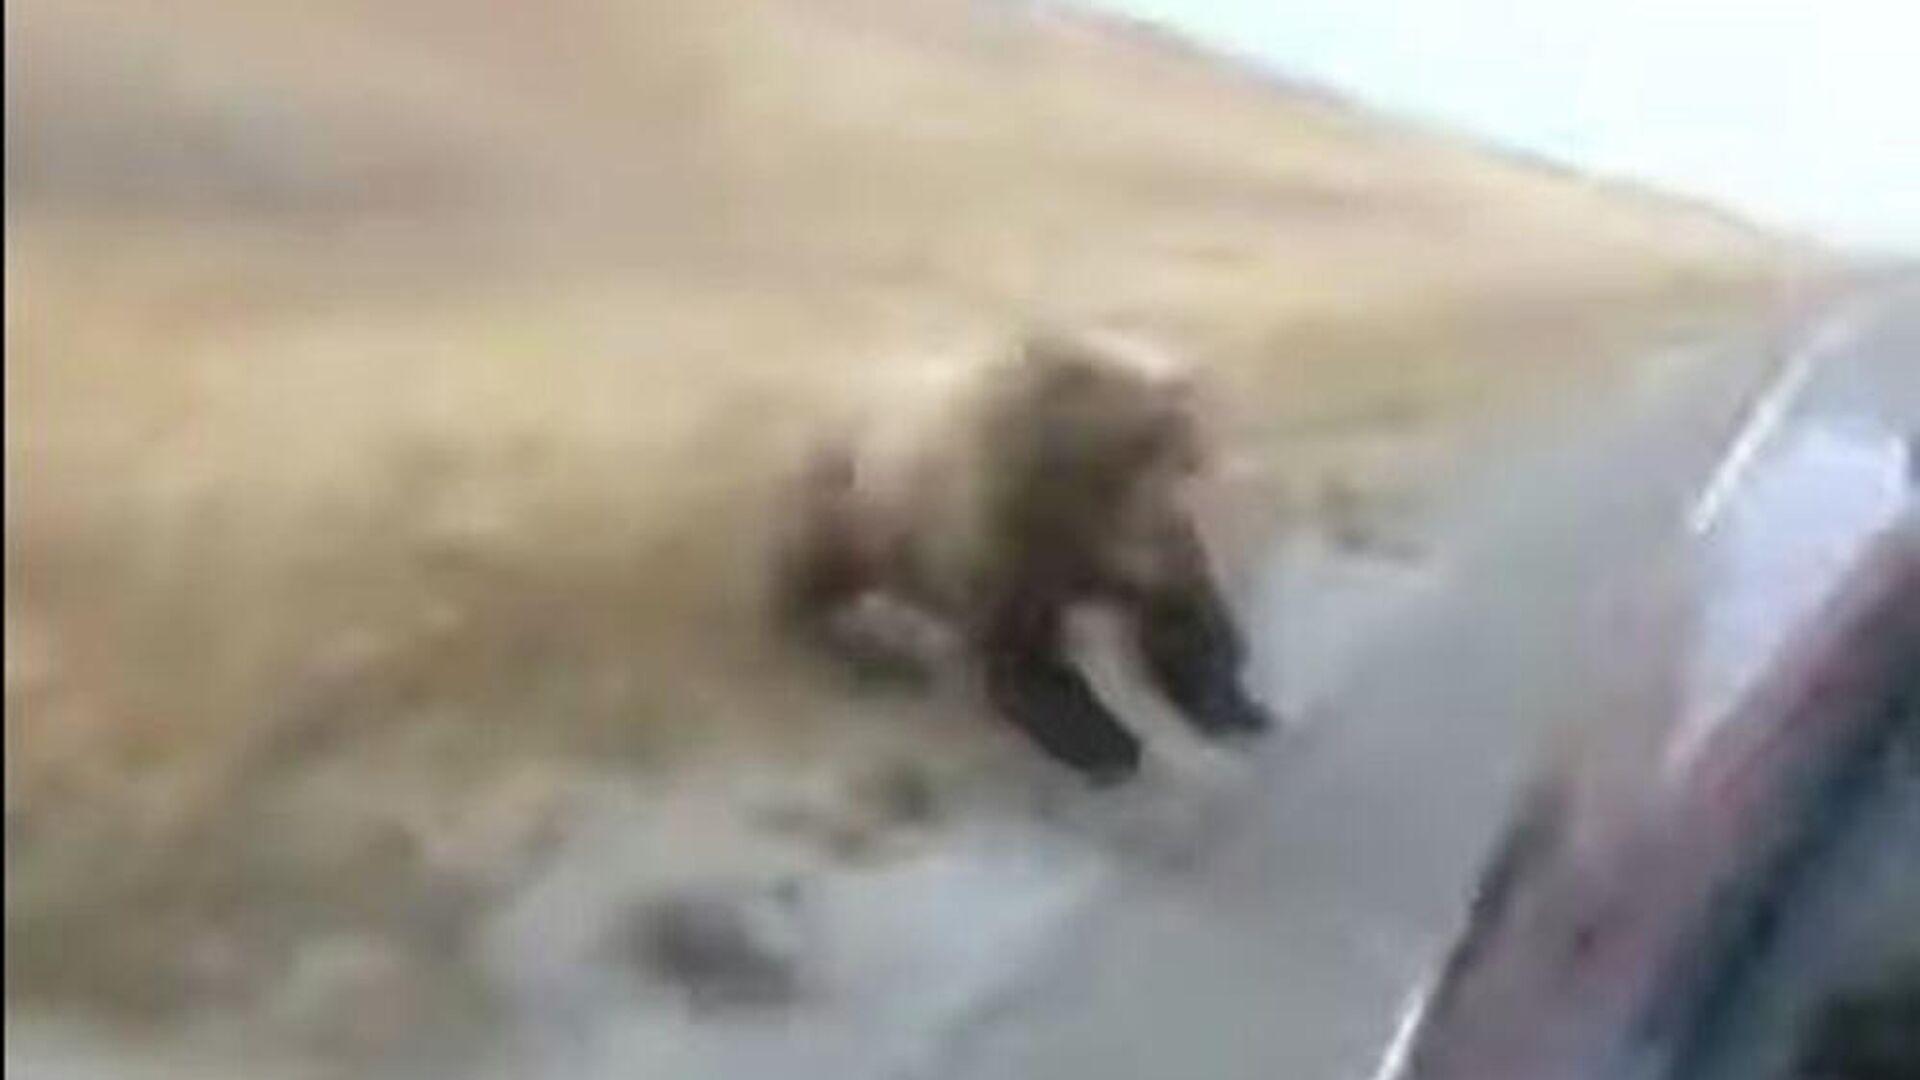 Μαμά αρκούδα επιτίθεται σε αμάξι να προστατεύσει τα μωρά της - Sputnik Ελλάδα, 1920, 08.10.2021